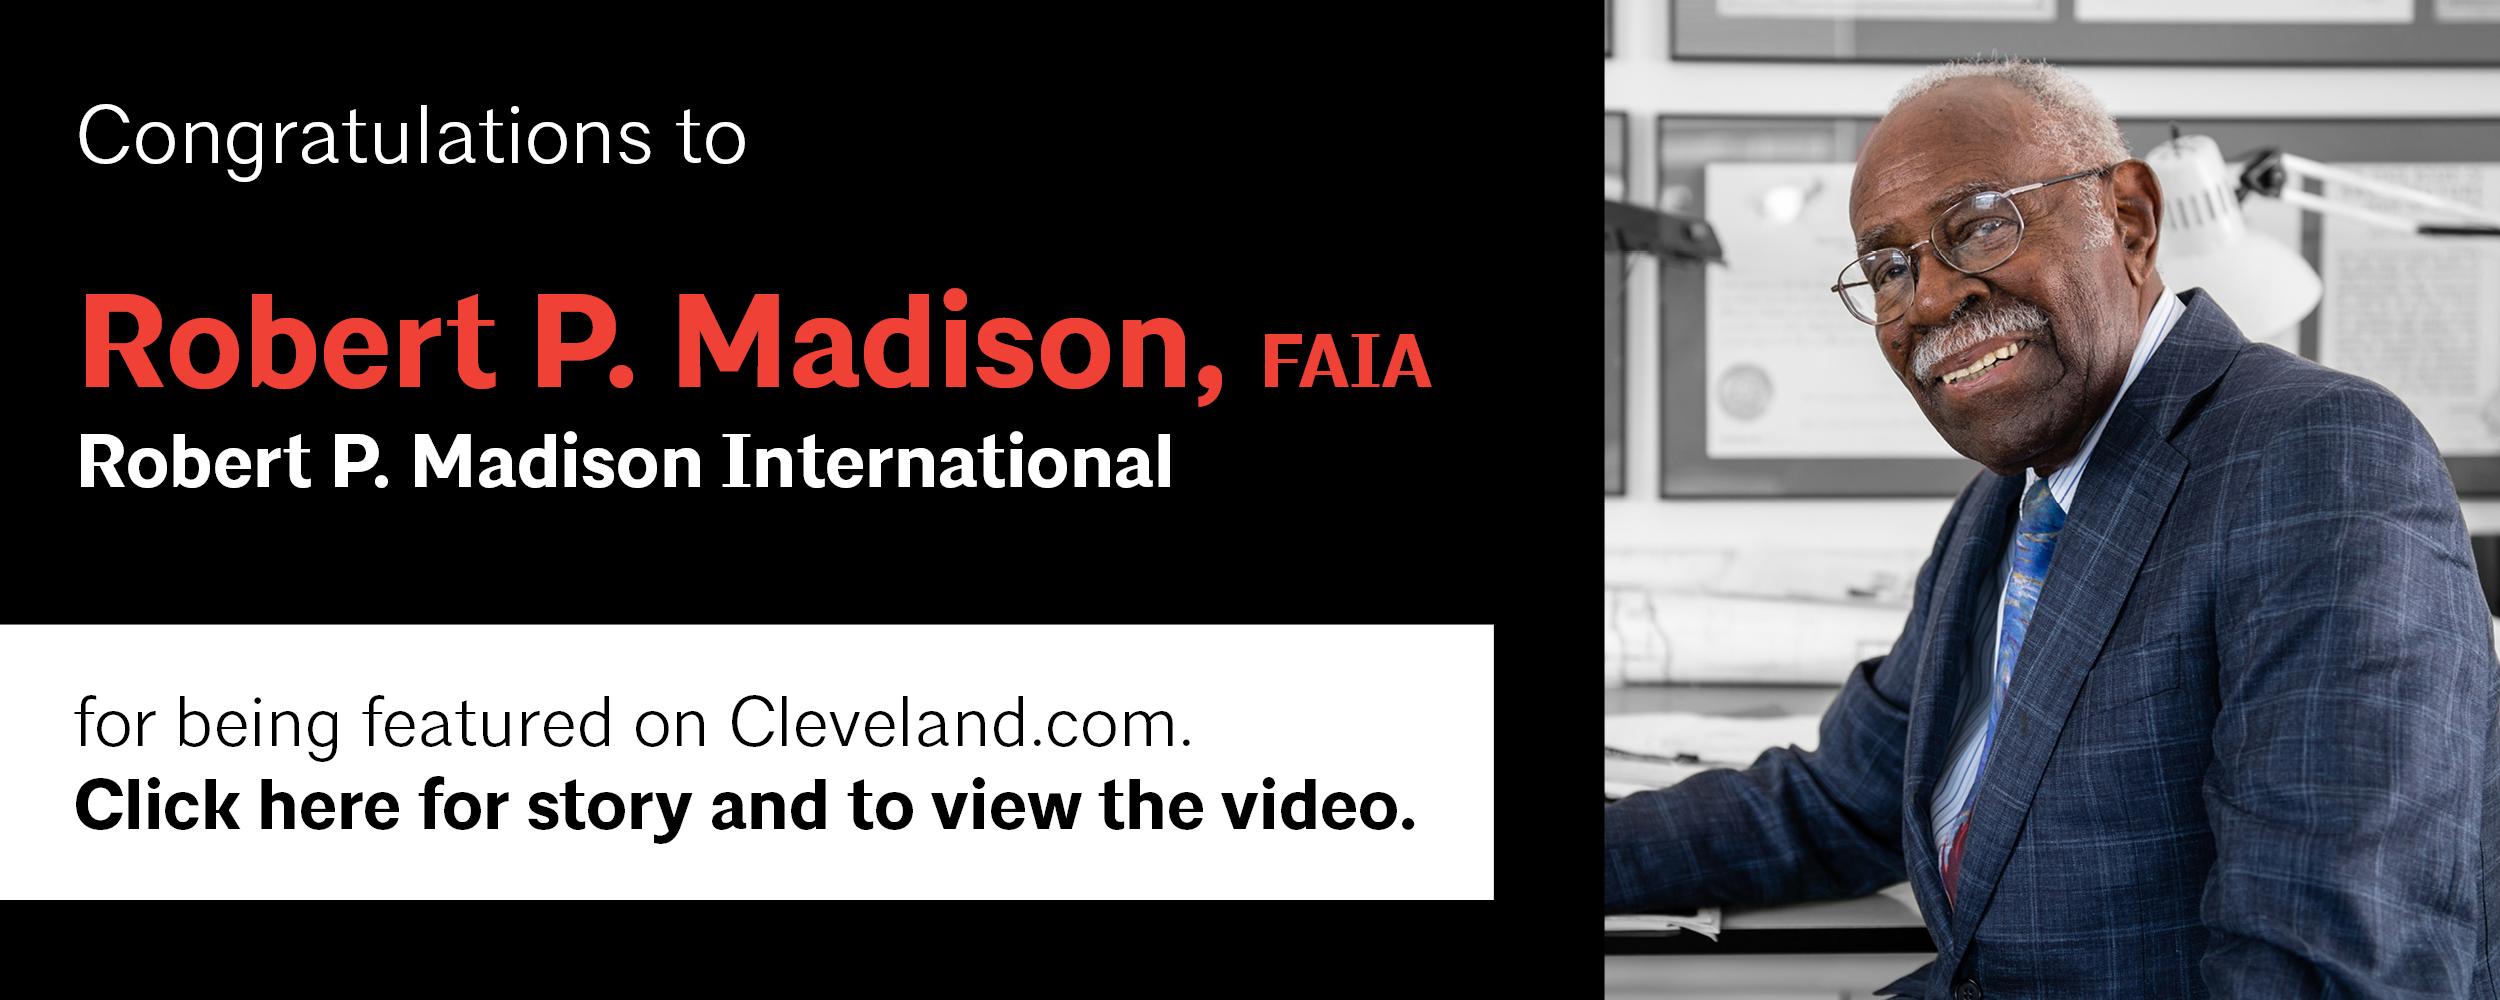 2018_0305_Member_Madison.jpg